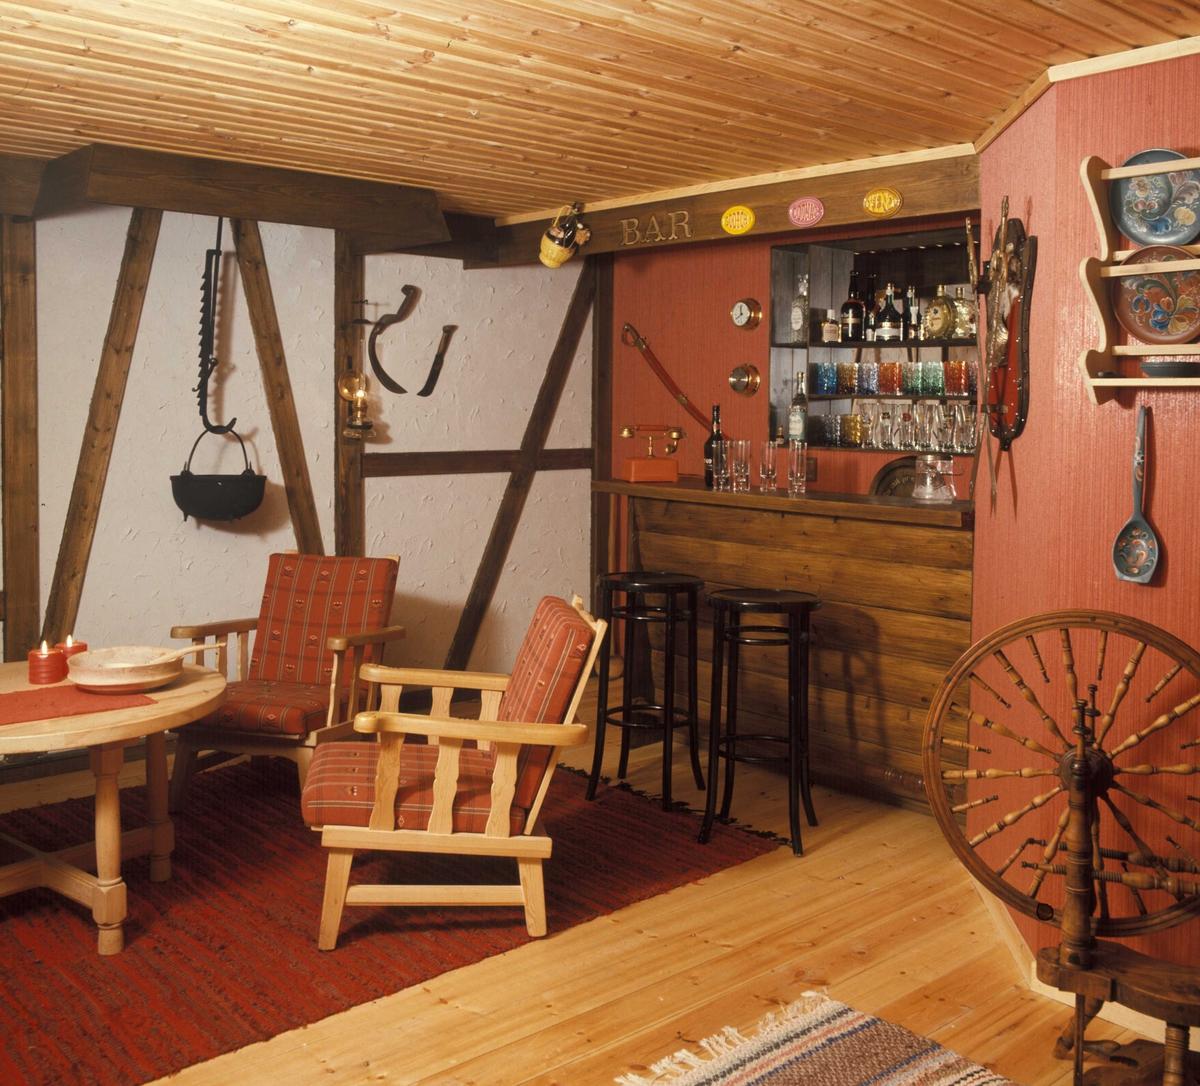 Bar i kjellerstue. Nye Bonytt 1975-2.